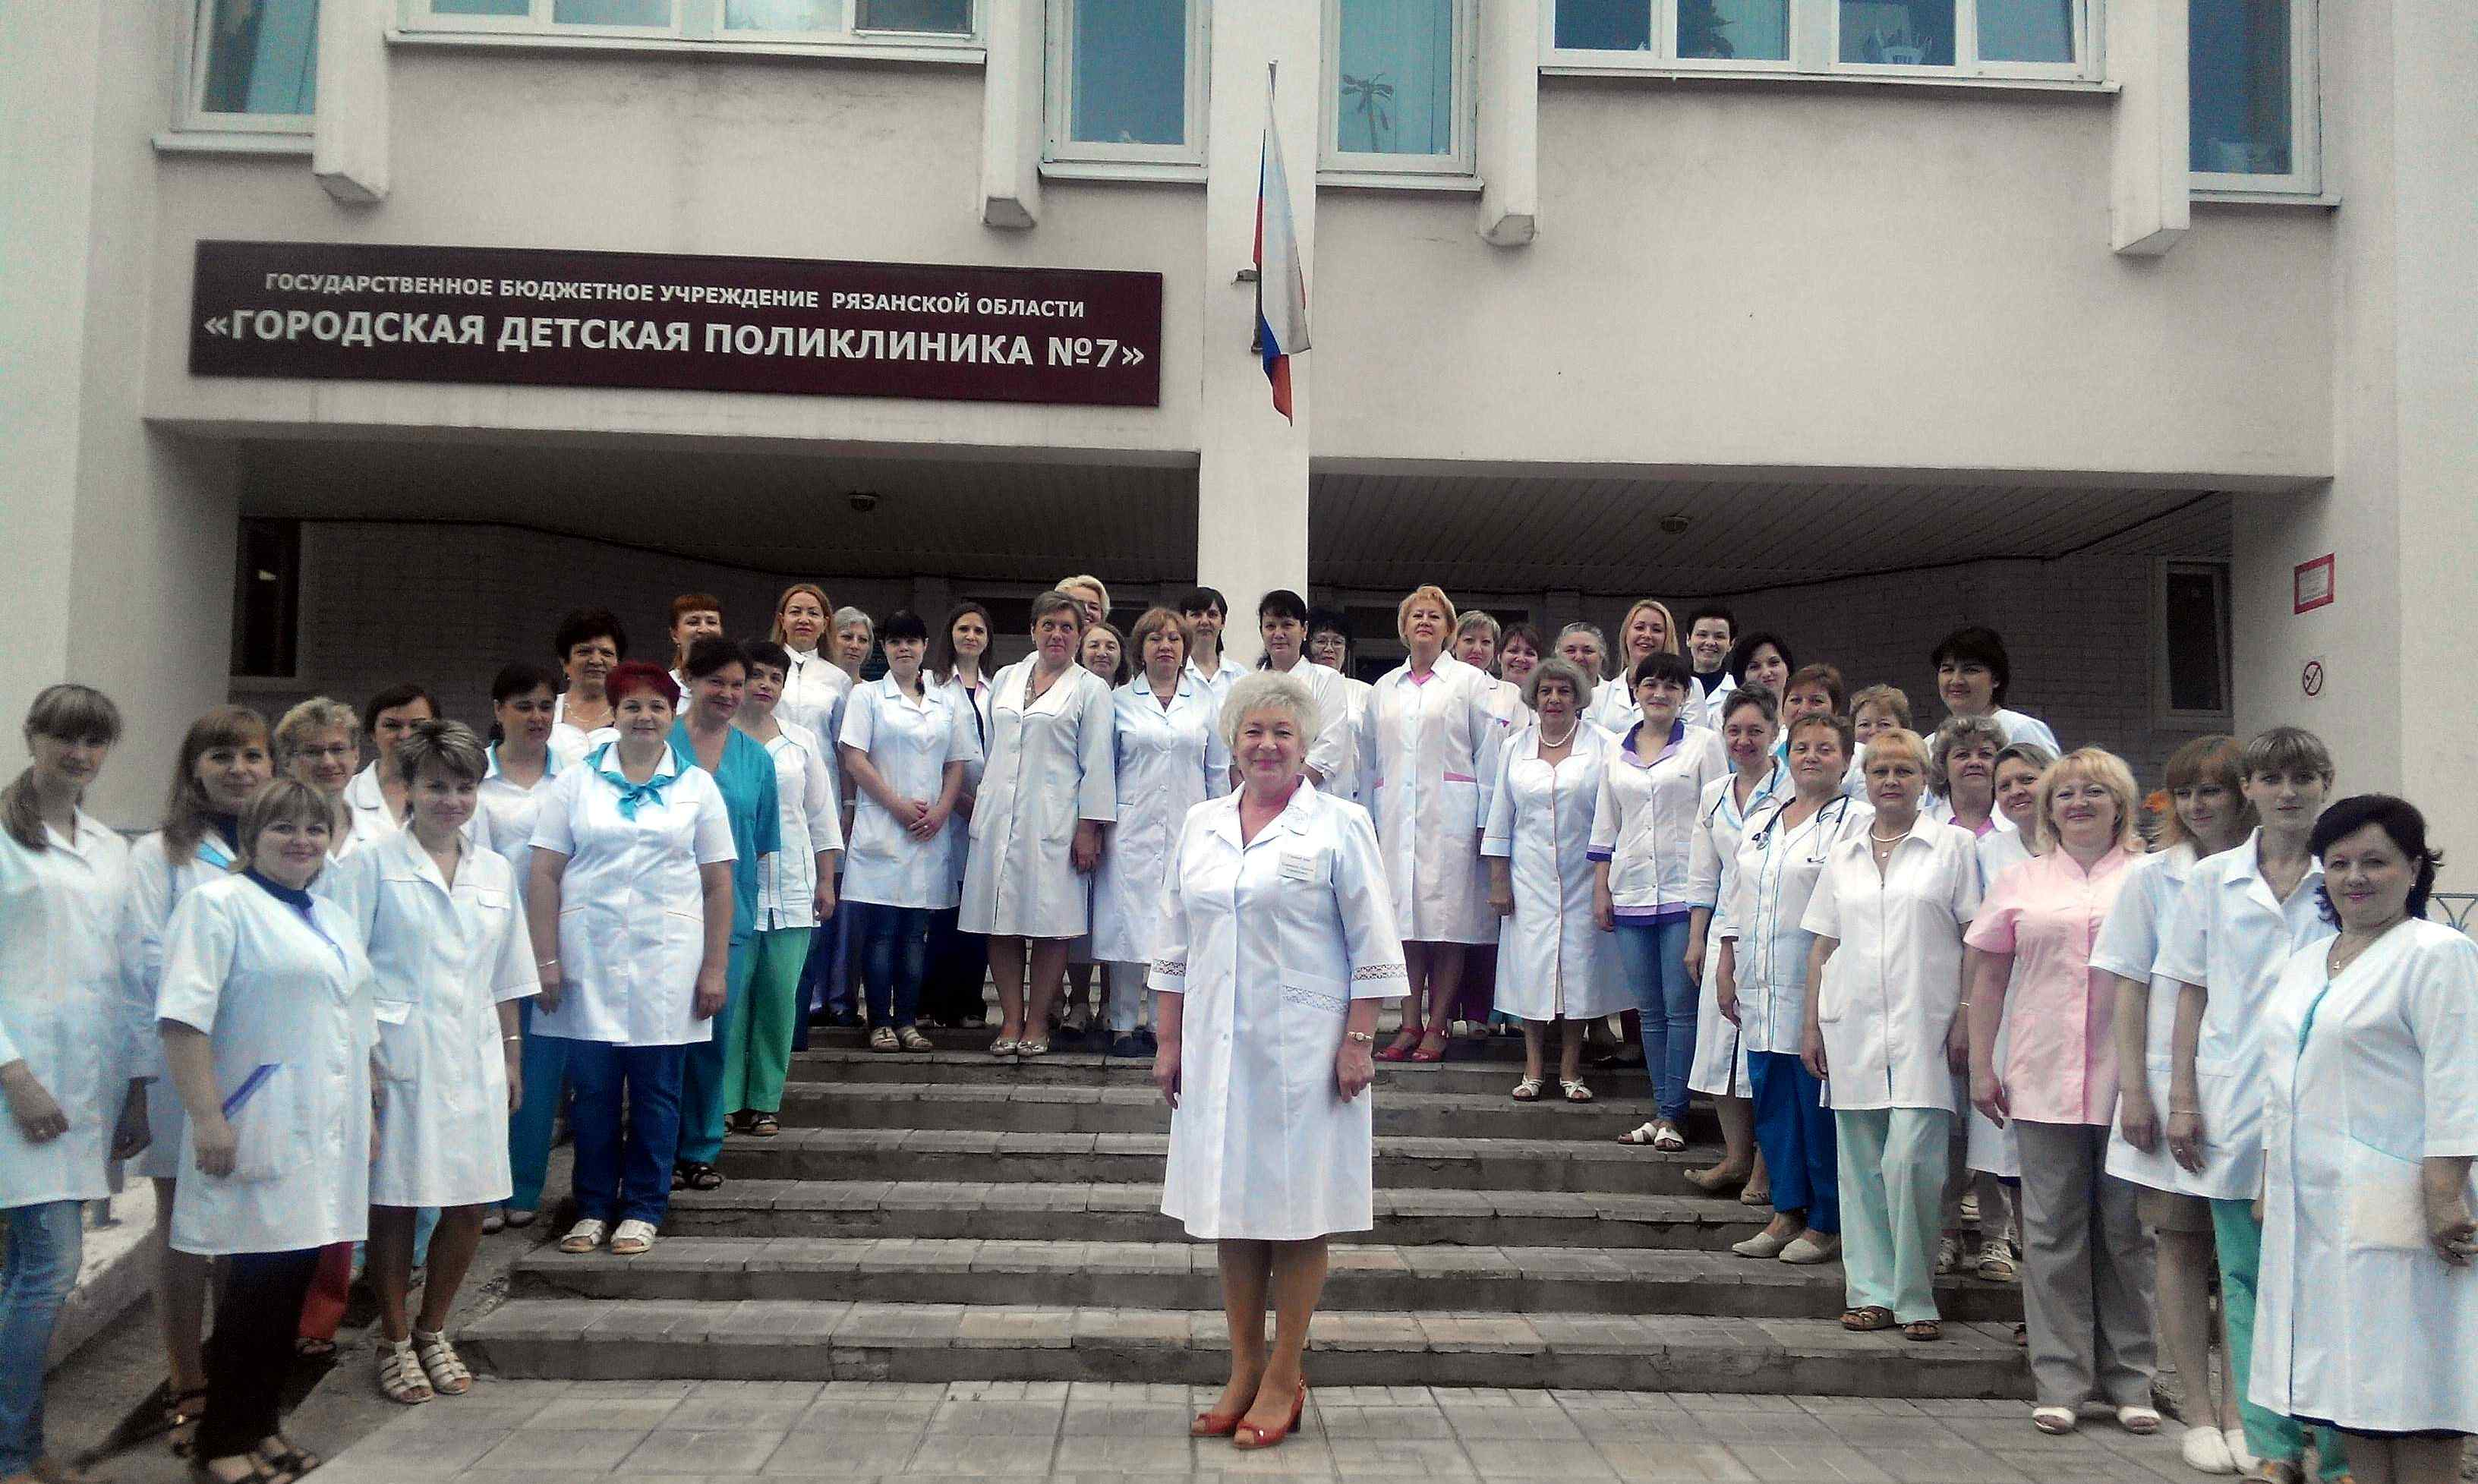 14 октября в городской детской поликлинике 7 города рязани состоялось торжественное мероприятие, посвященное